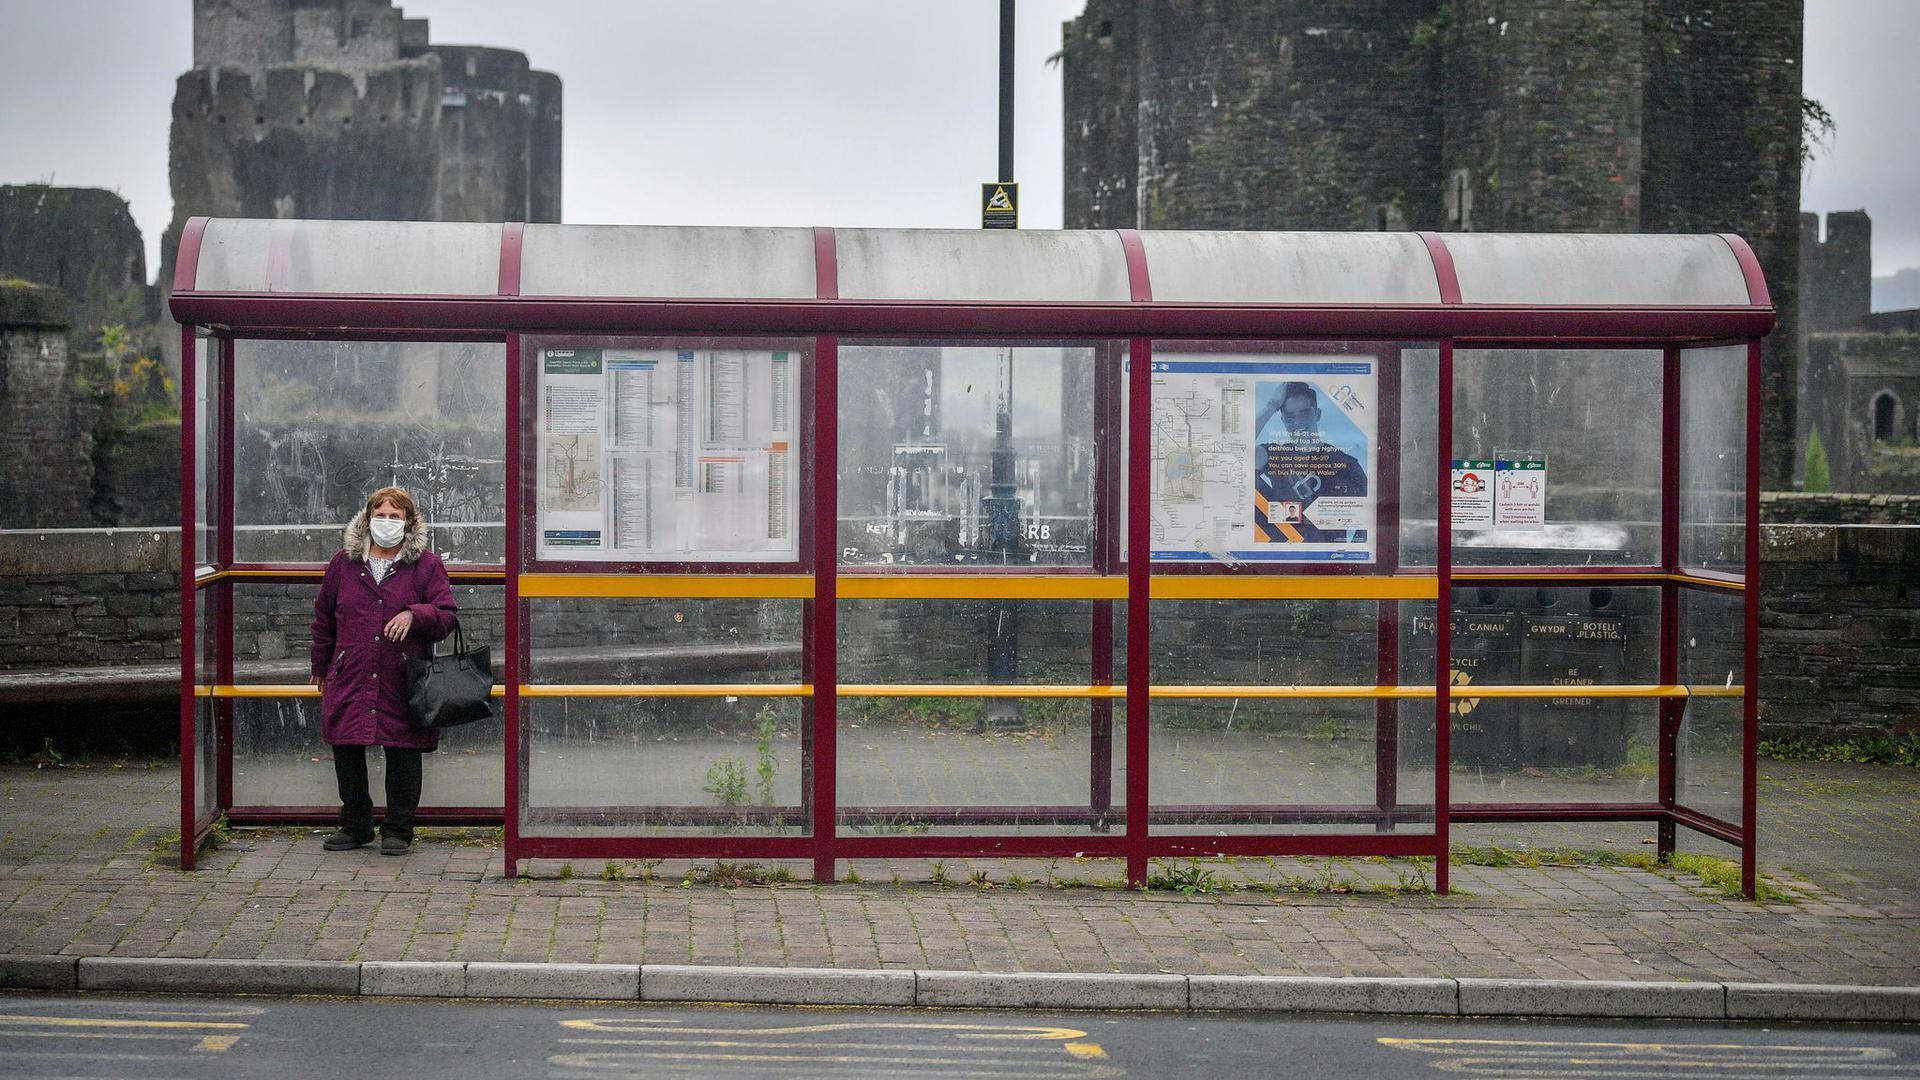 Eine Frau mit Mundschutz wartet in Caerphilly an einer Haltestelle auf den Bus. Medienberichtenn zufolge plant die Regierung inLondon einen erneutenlockdown vor.